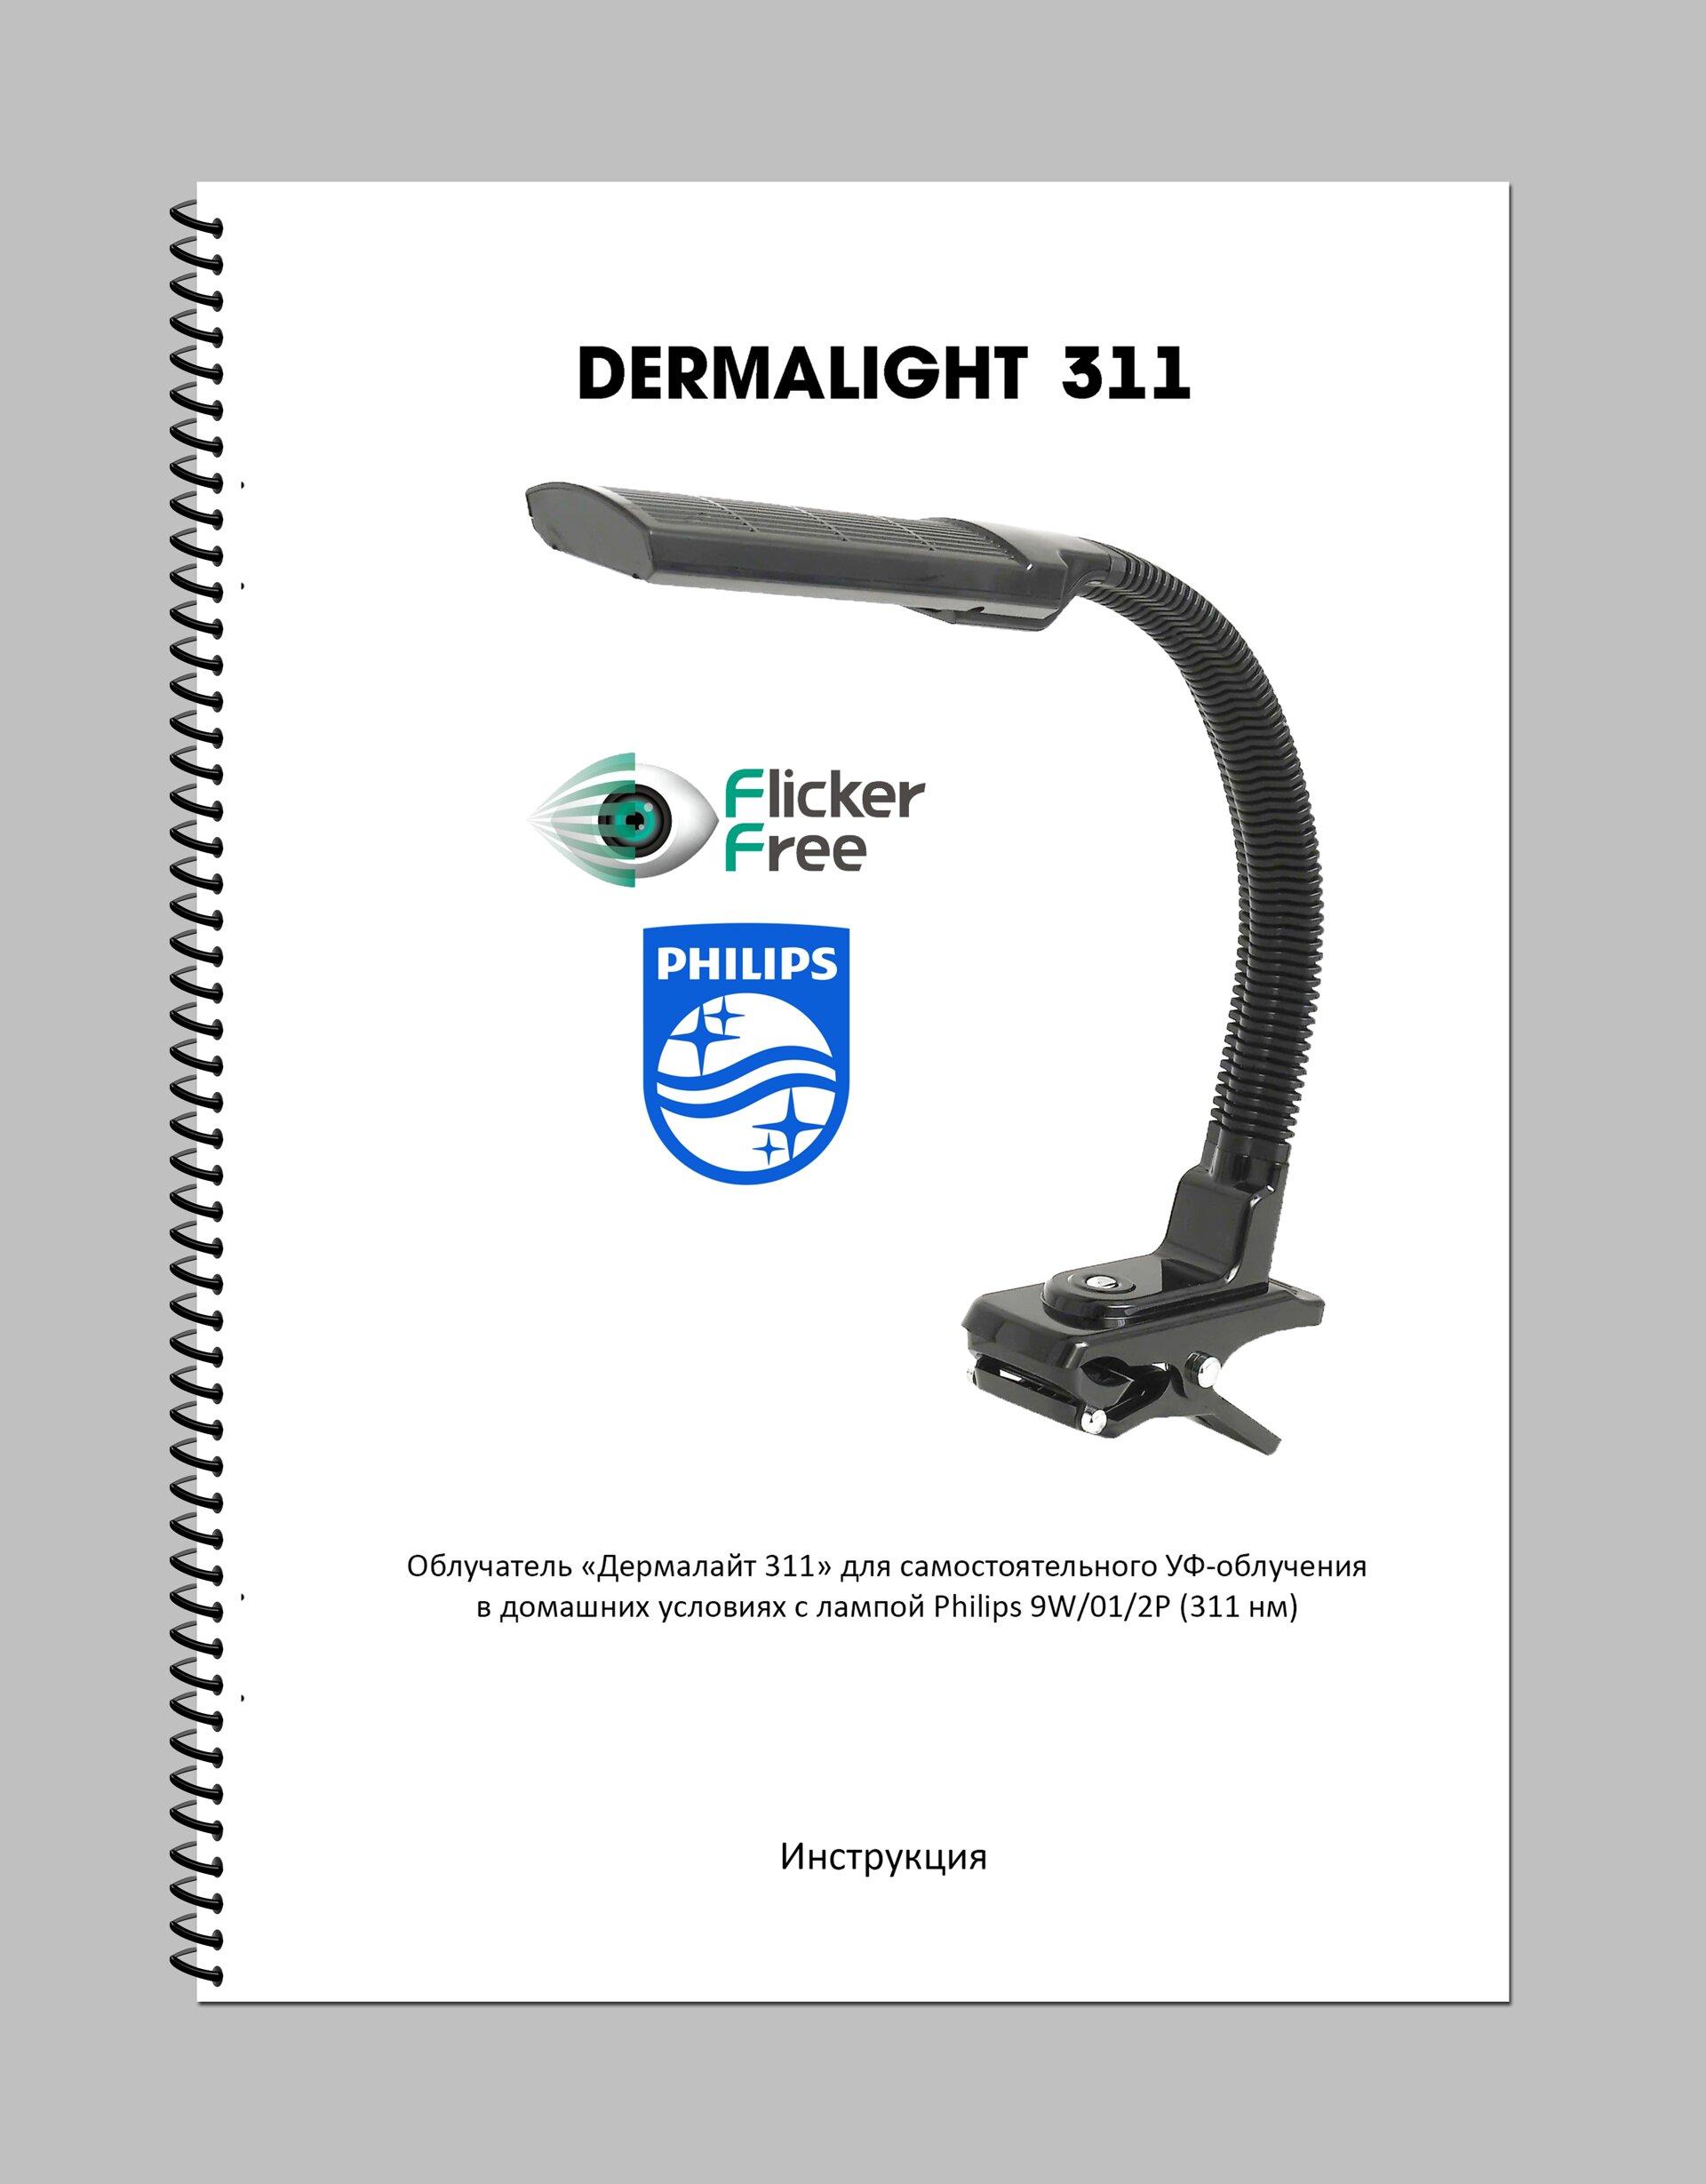 Инструкция по применению облучателя Дермалайт 311